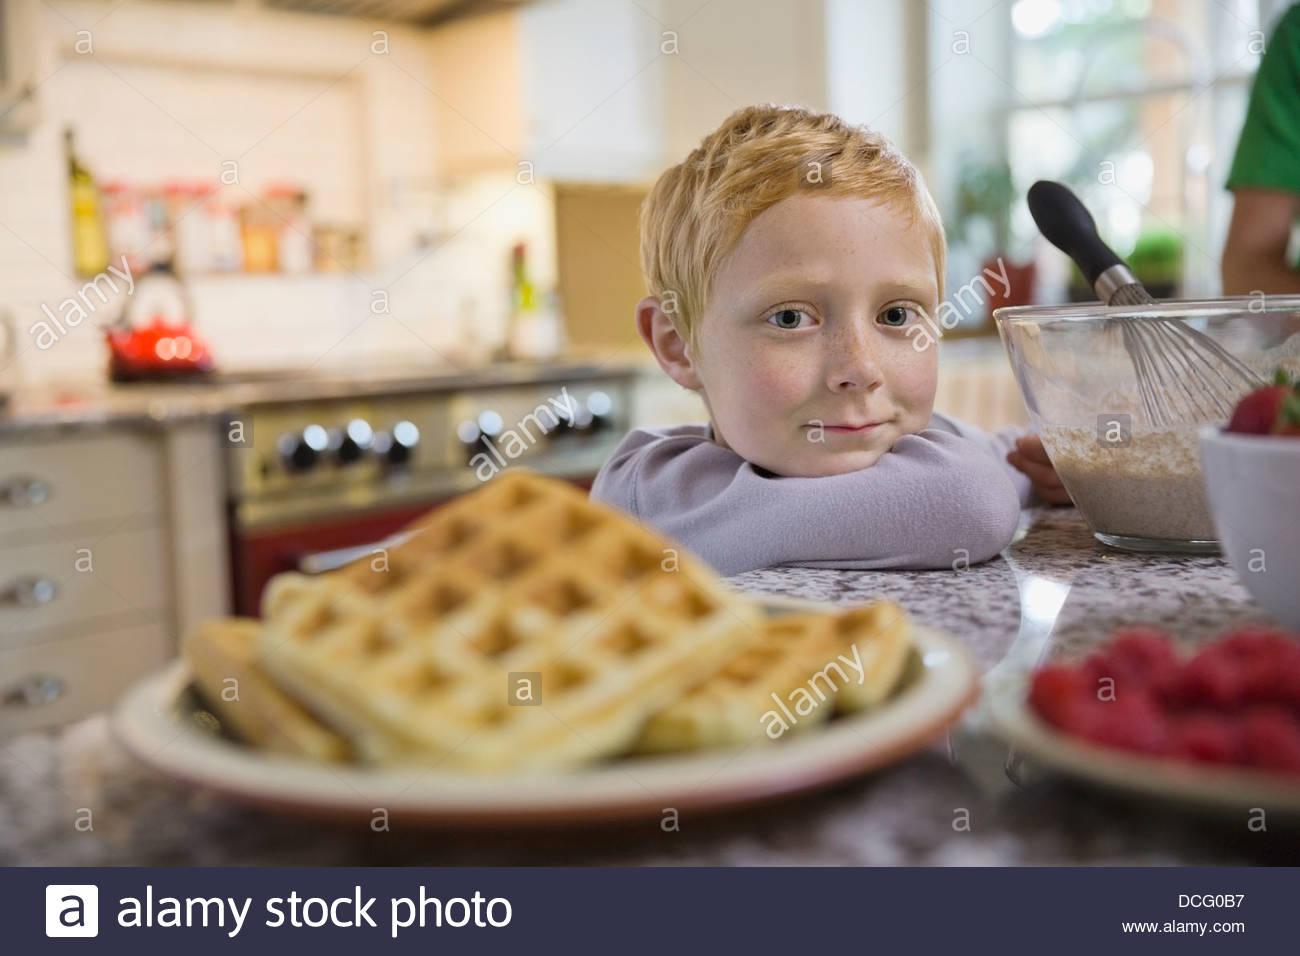 Retrato de niño con desayuno Imagen De Stock